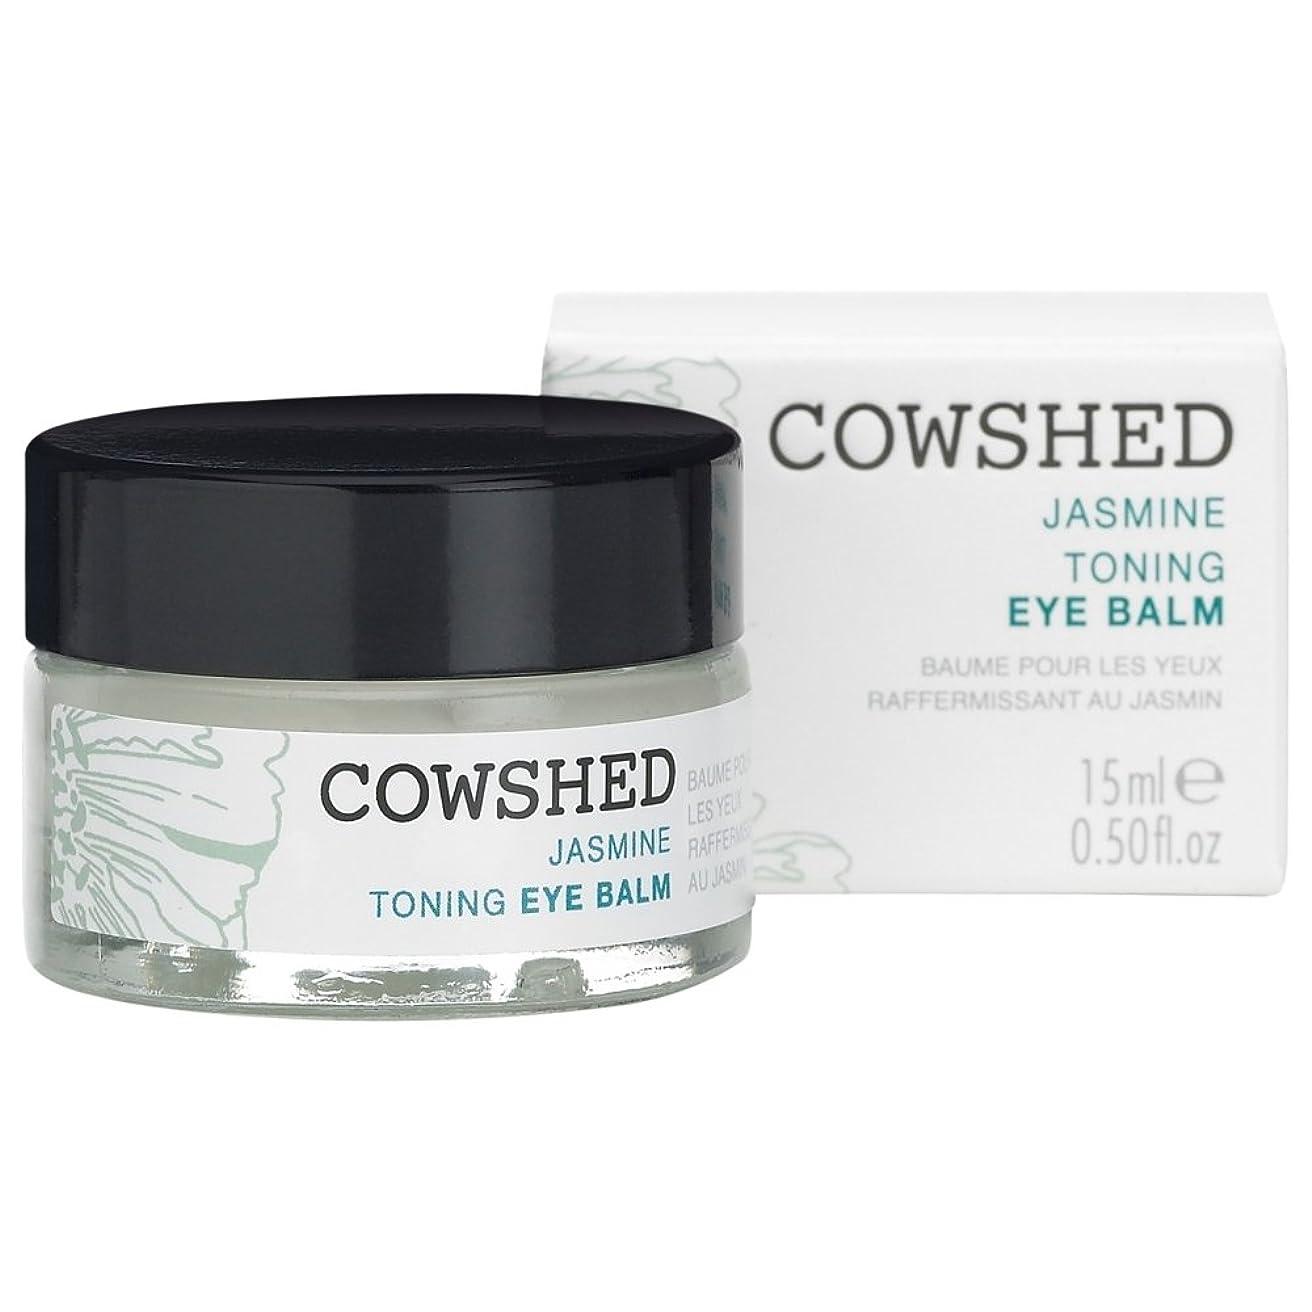 枢機卿バルセロナ例示する牛舎ジャスミン調色アイクリーム15ミリリットル (Cowshed) (x2) - Cowshed Jasmine Toning Eye Balm 15ml (Pack of 2) [並行輸入品]